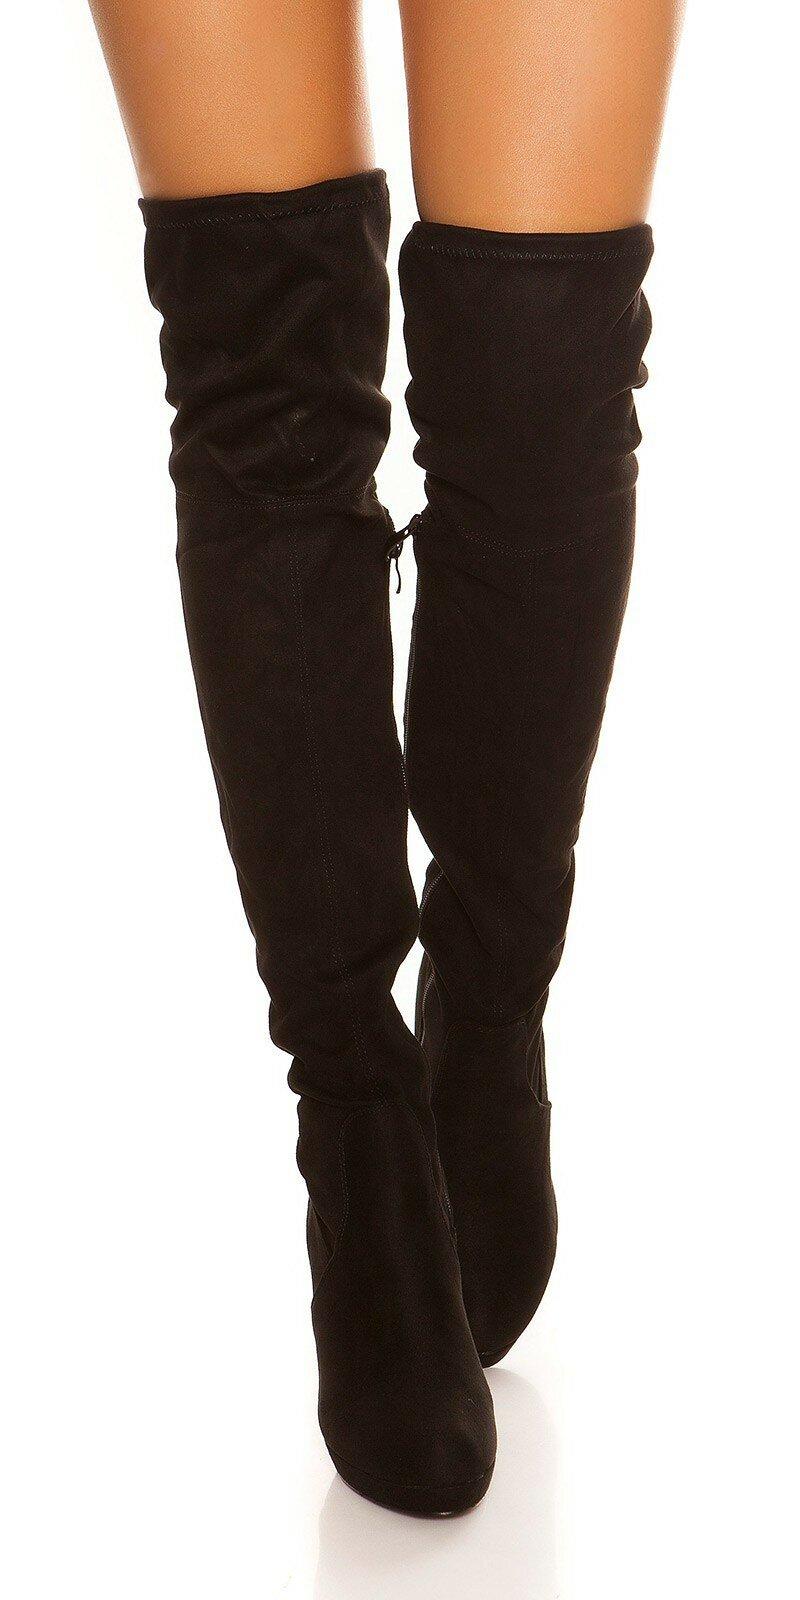 Čierne čižmy semišového vzhľadu - NajlepsiaModa.sk 567579f6d5c